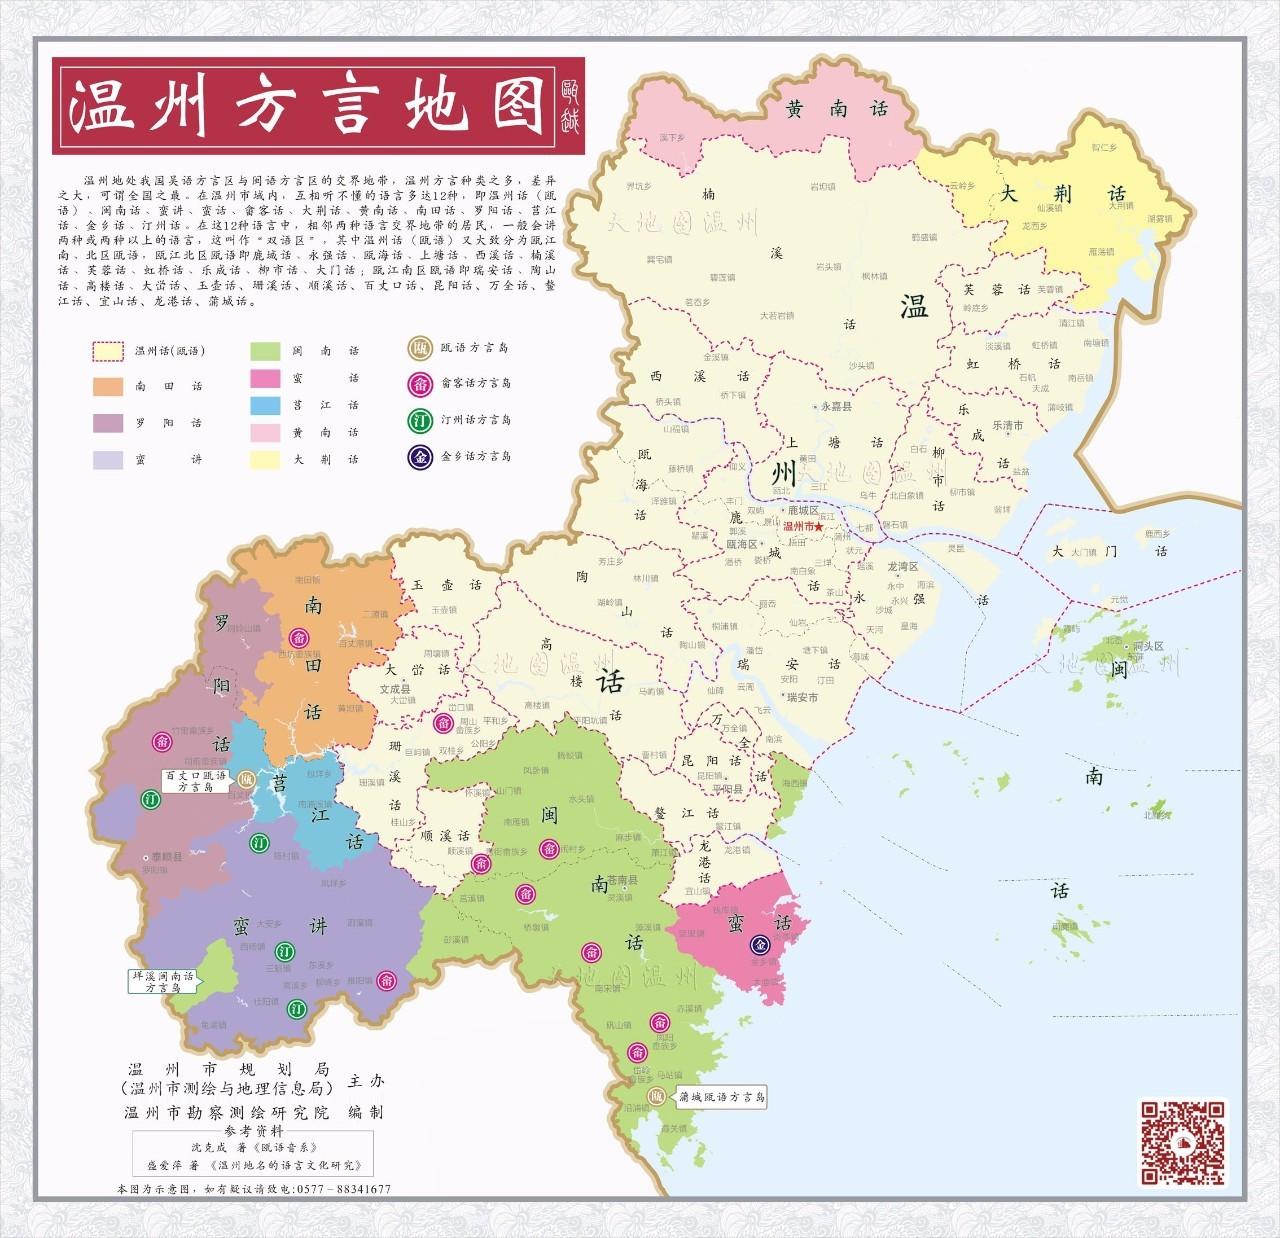 苍南县人均gdp_苍南县地图